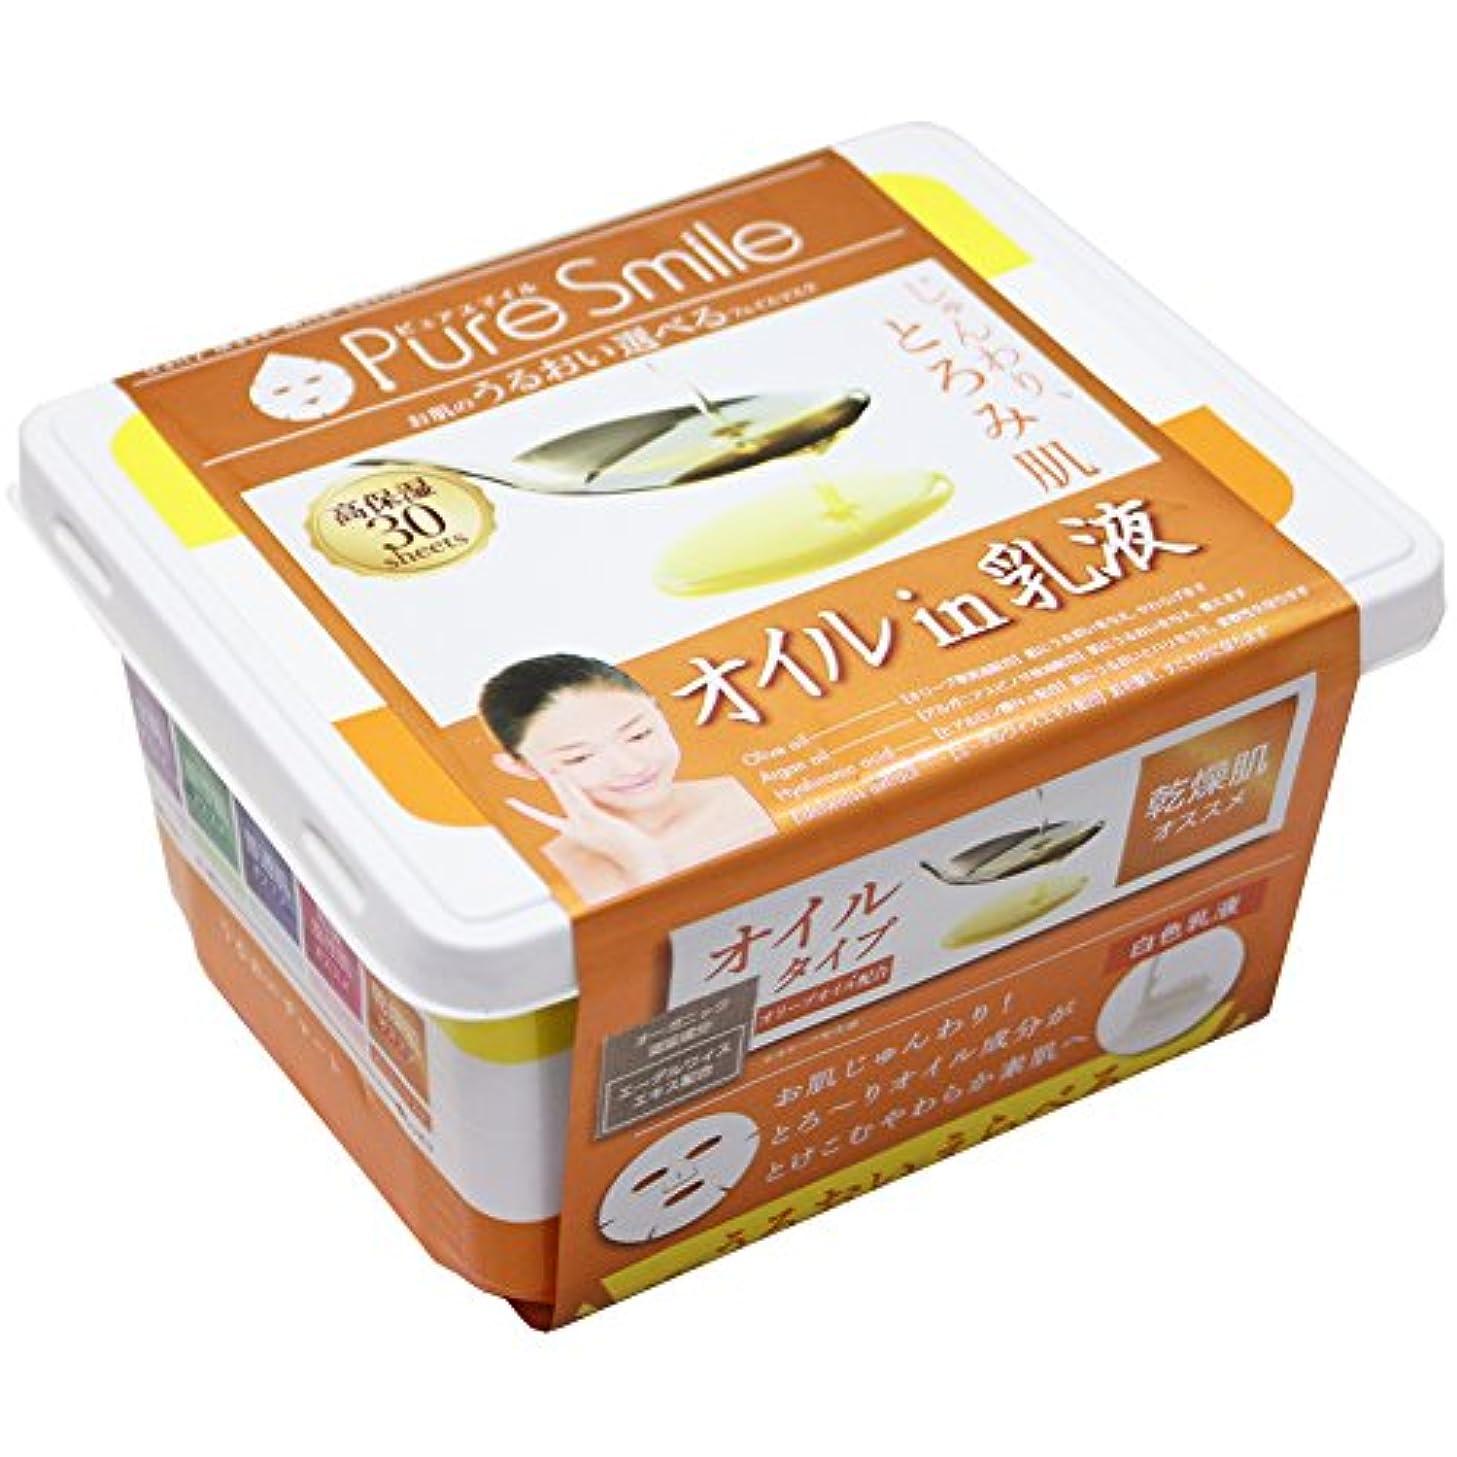 恵みセットする決定的PureSmile(ピュアスマイル) フェイスパック エッセンスマスク 30枚セット オイルin乳液?3S05